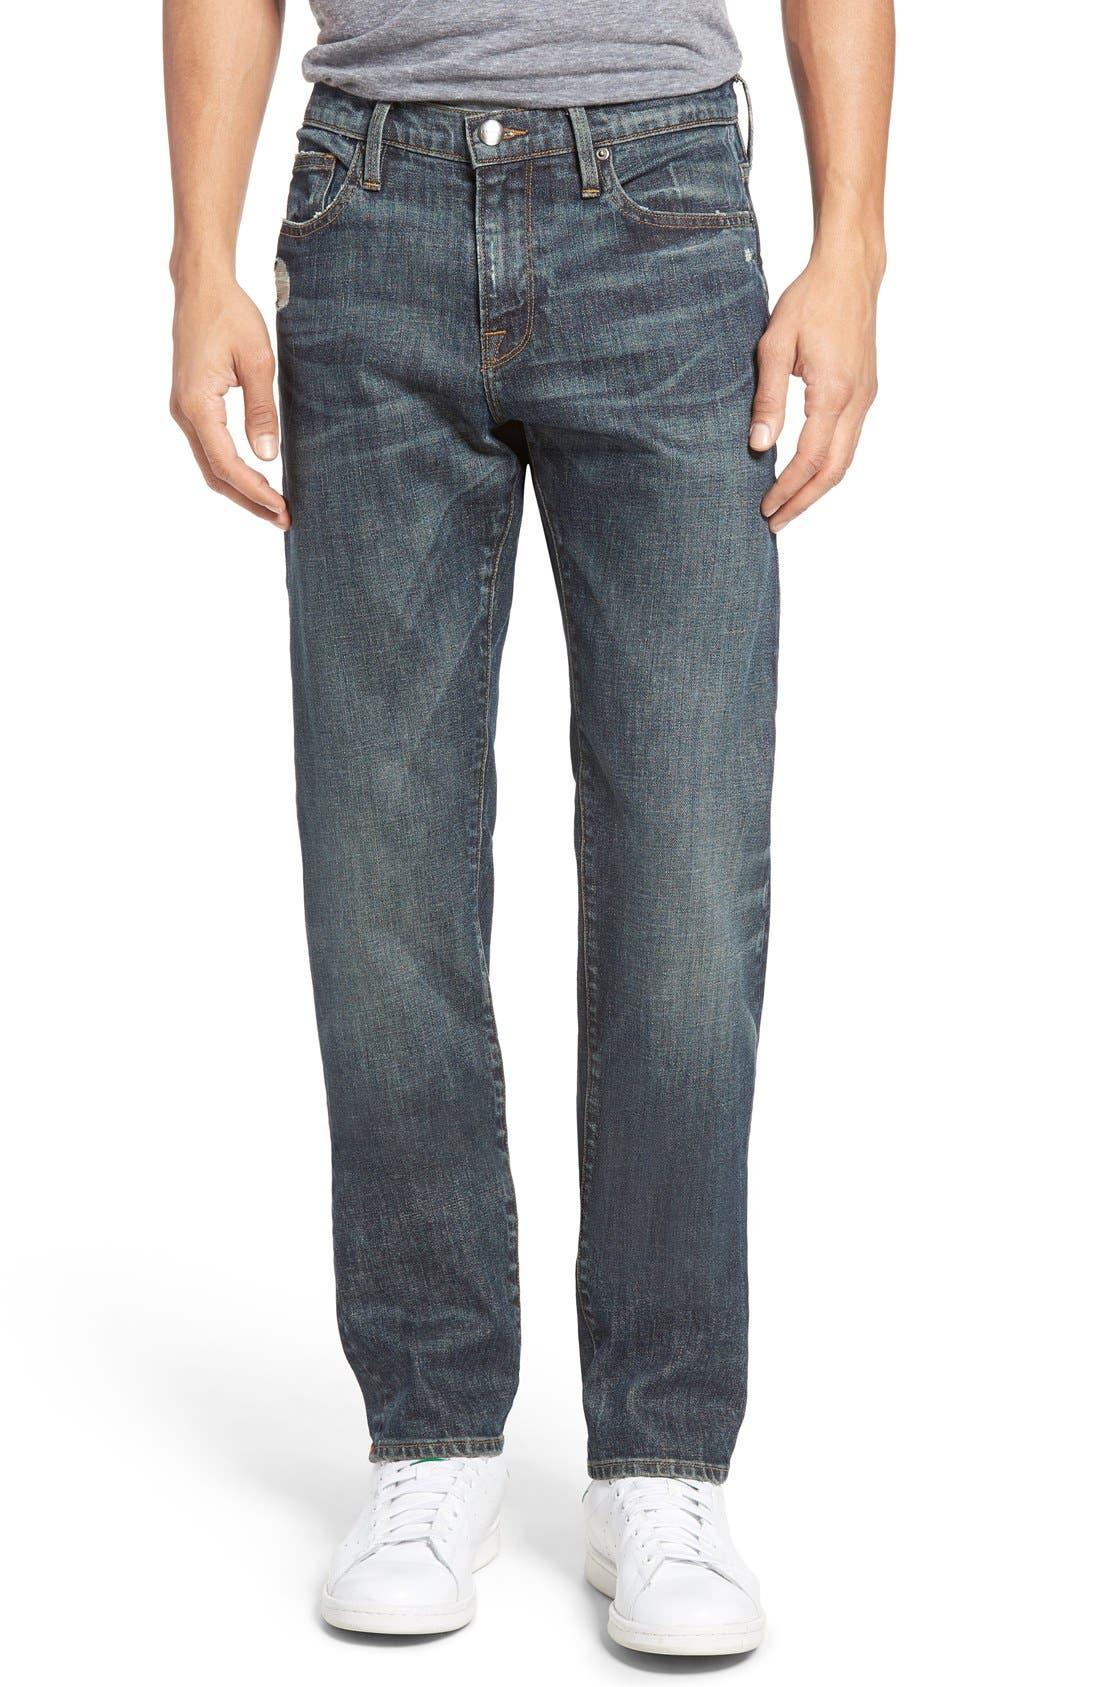 L'Homme Slim Fit Jeans,                             Main thumbnail 1, color,                             401